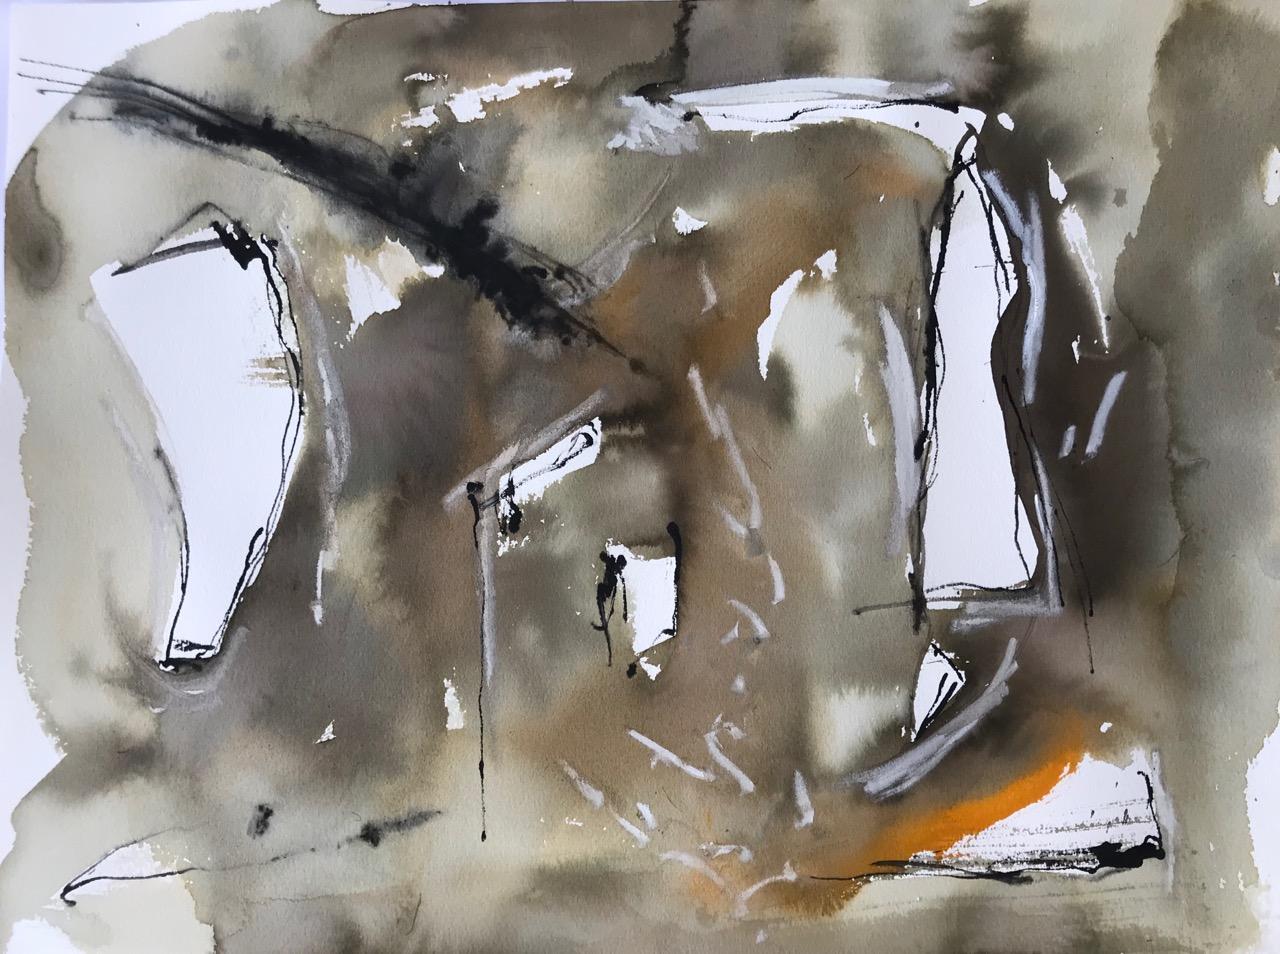 Ohne Titel, Aquarell und Tusche auf Papier, 46 x 61 cm, 2018